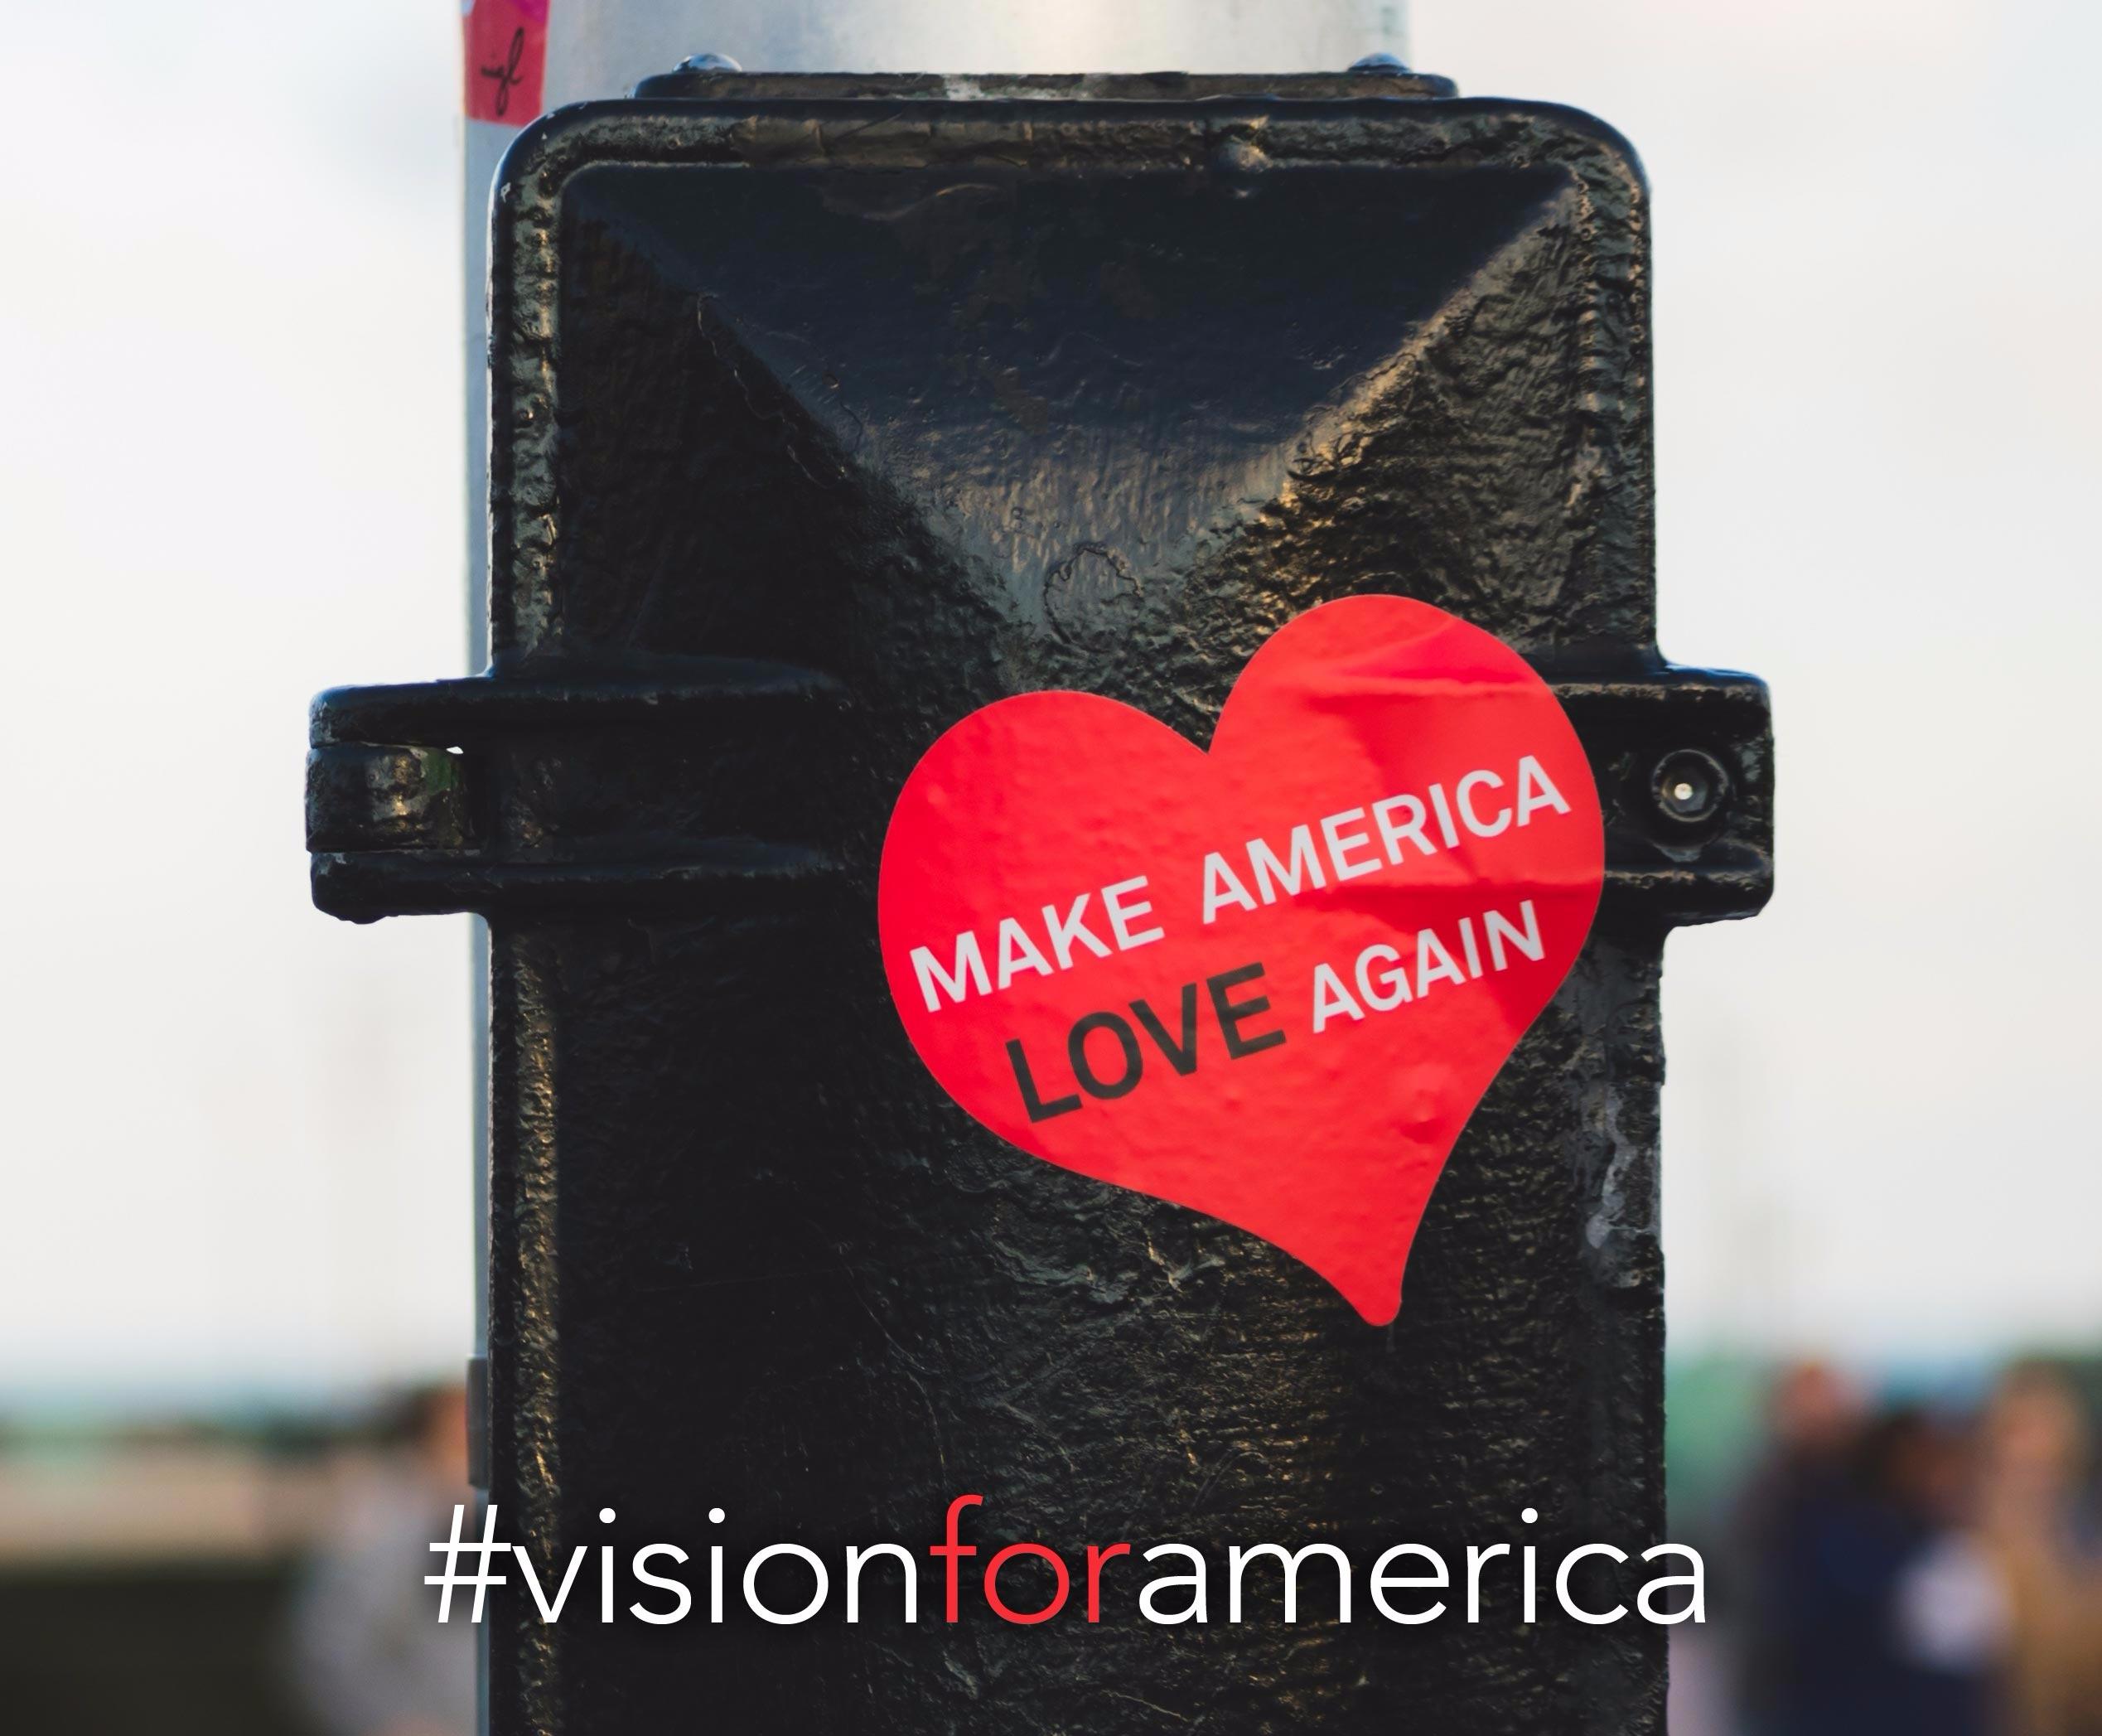 visionforamerica - visionforamerica | ello